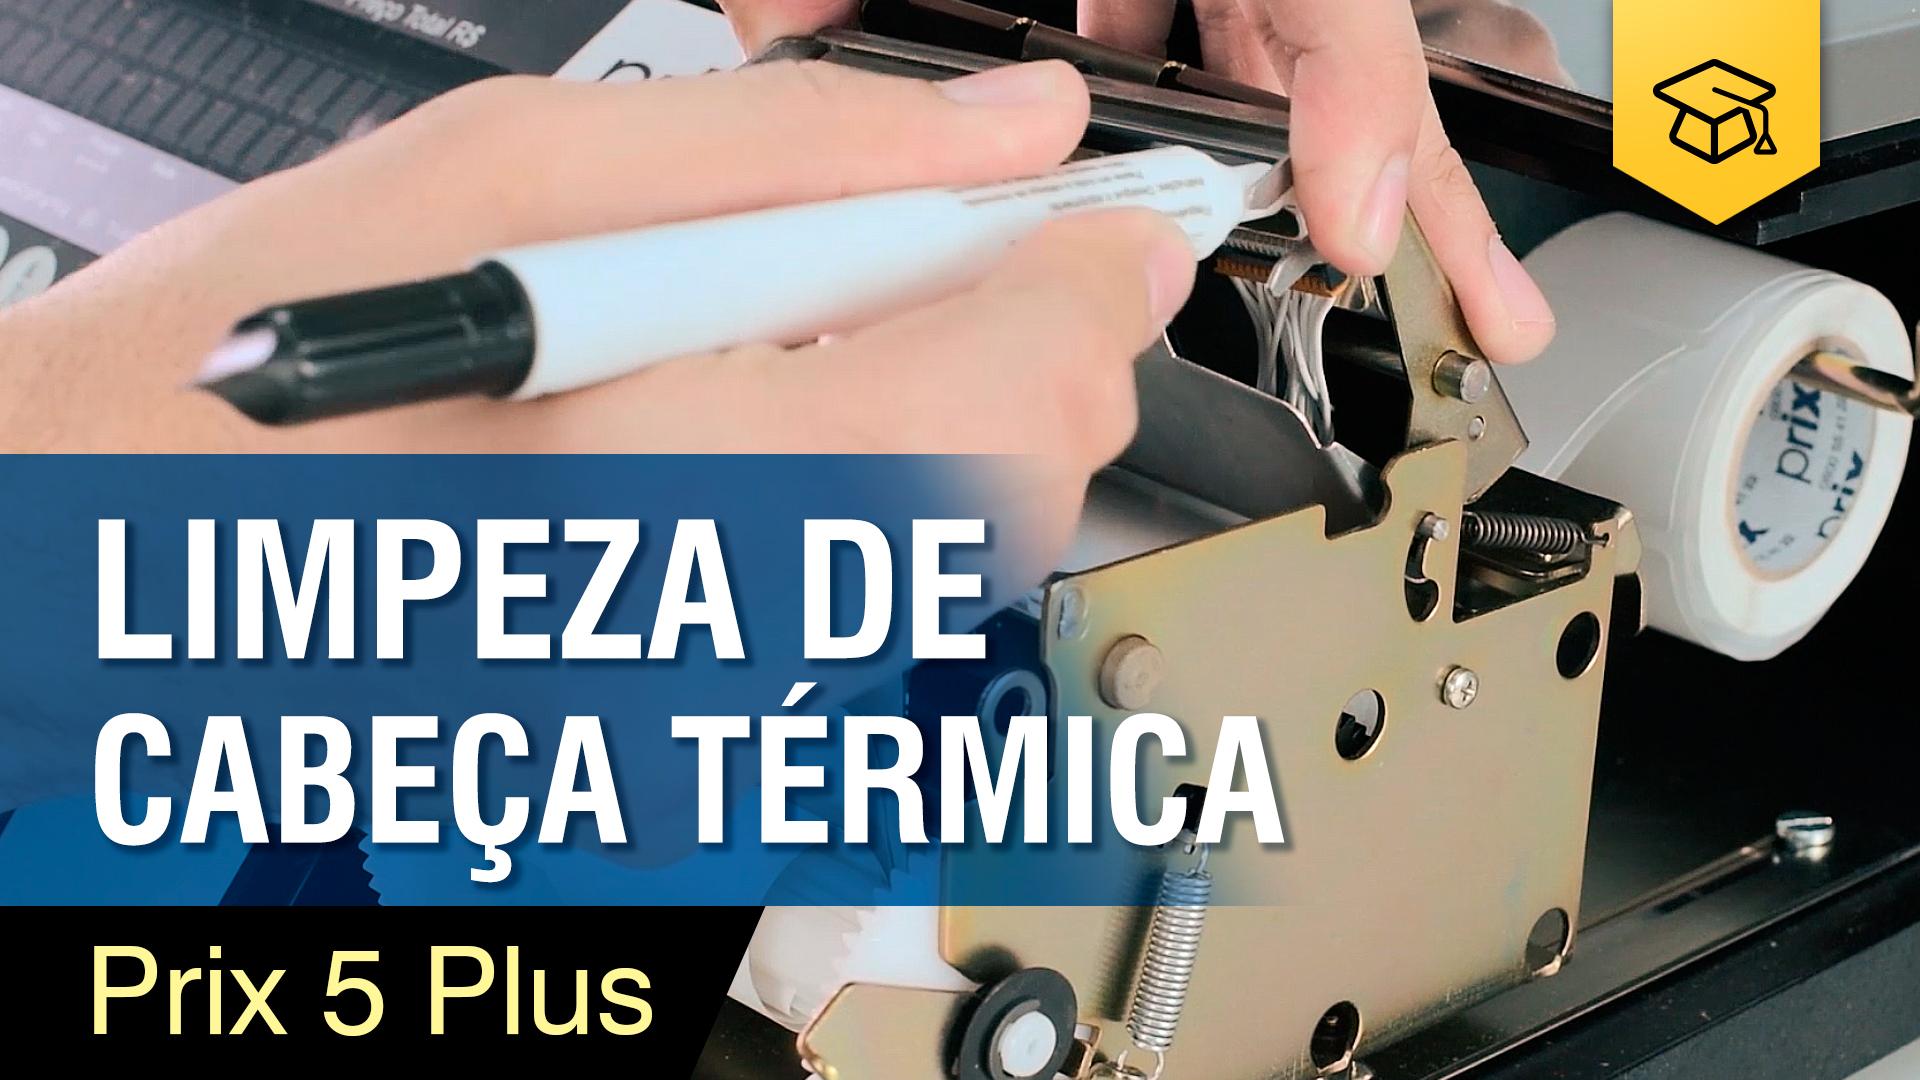 Prix 5 Plus - Limpeza de cabeça térmica